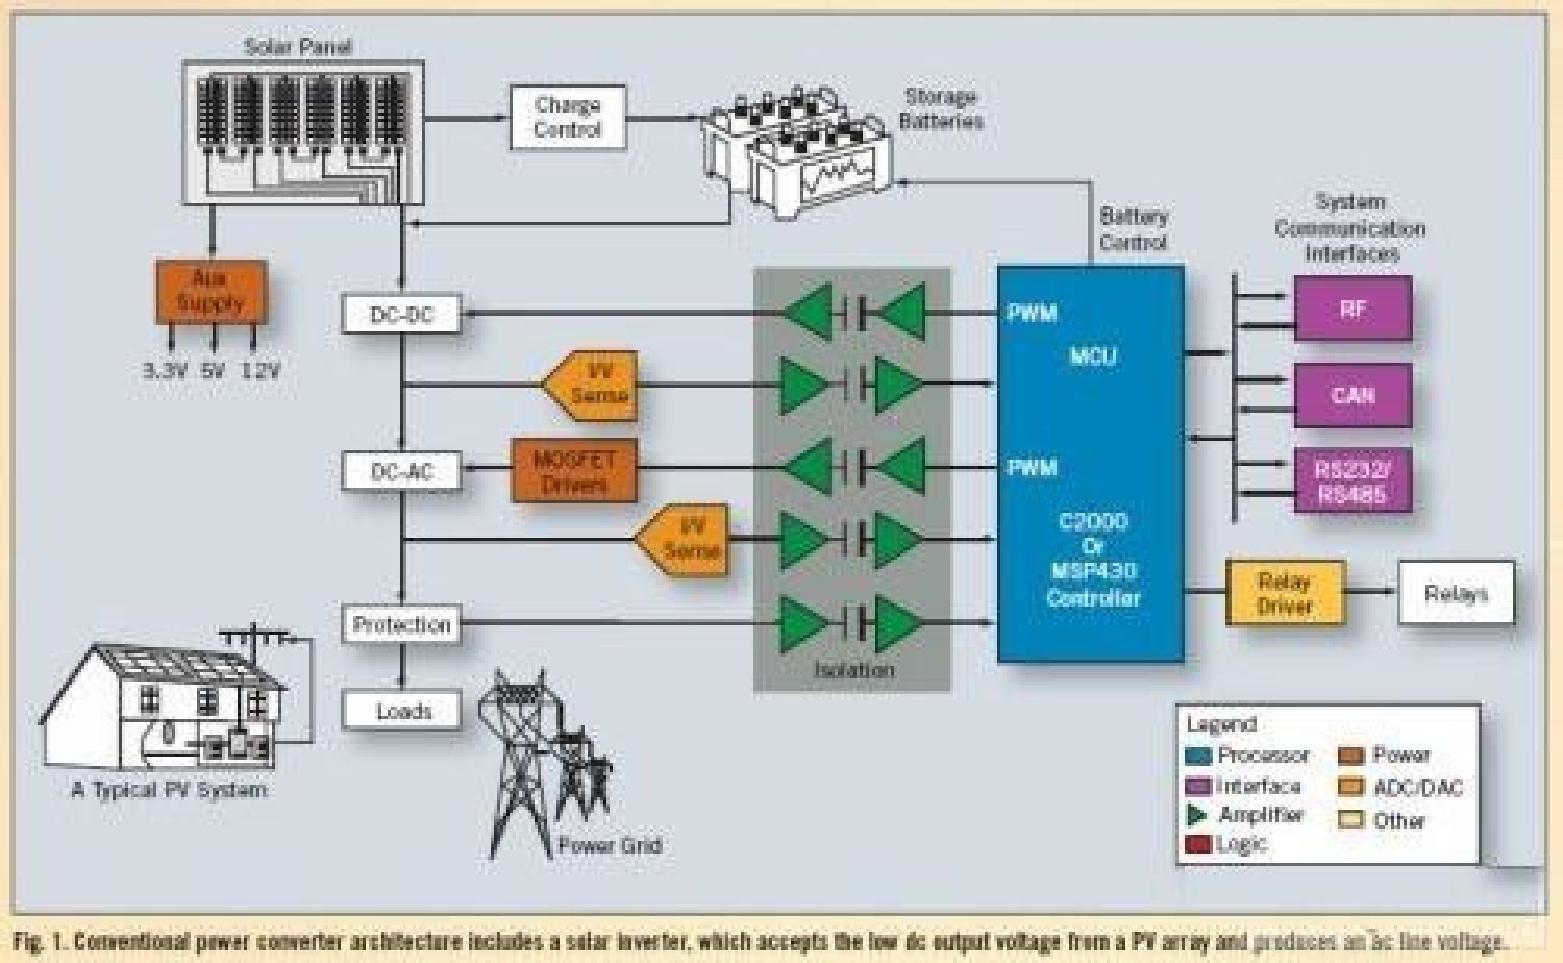 关于优化太阳能系统的设计方案